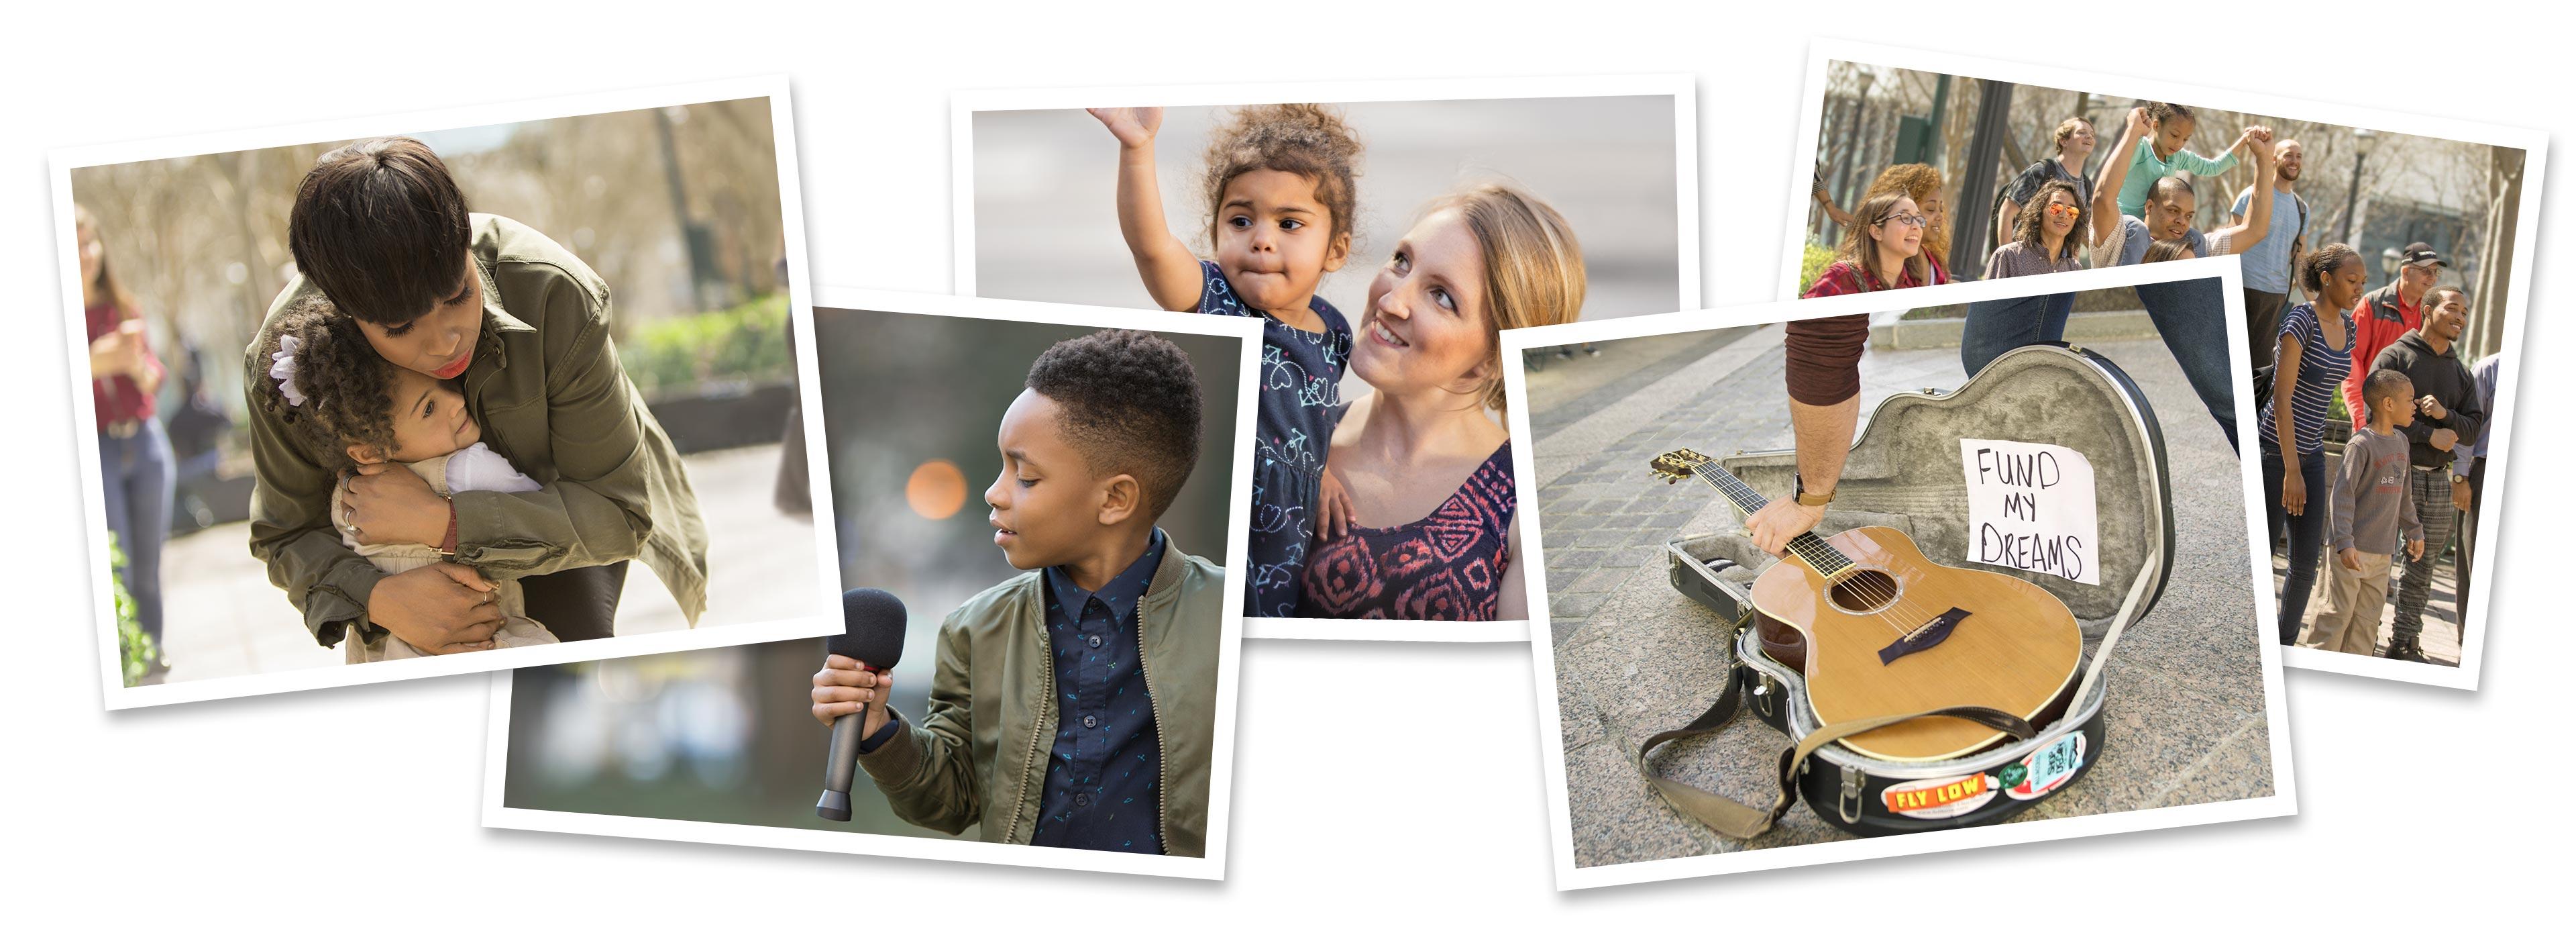 One Saturday Campaign - Photo collage